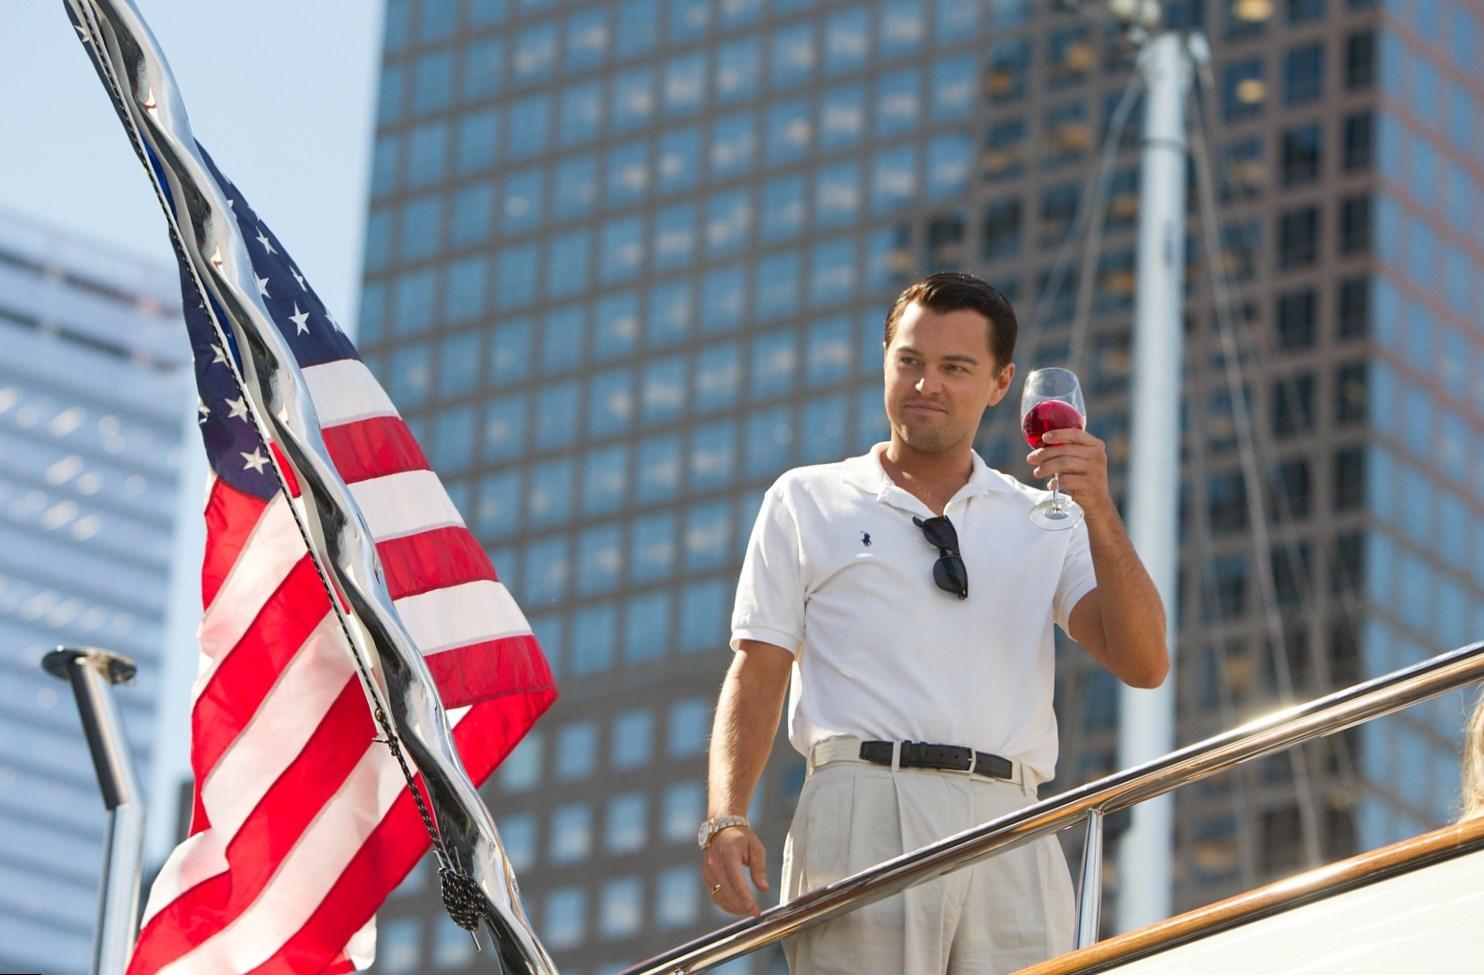 Leonardo Dicaprio celebrity net worth - salary, house, car